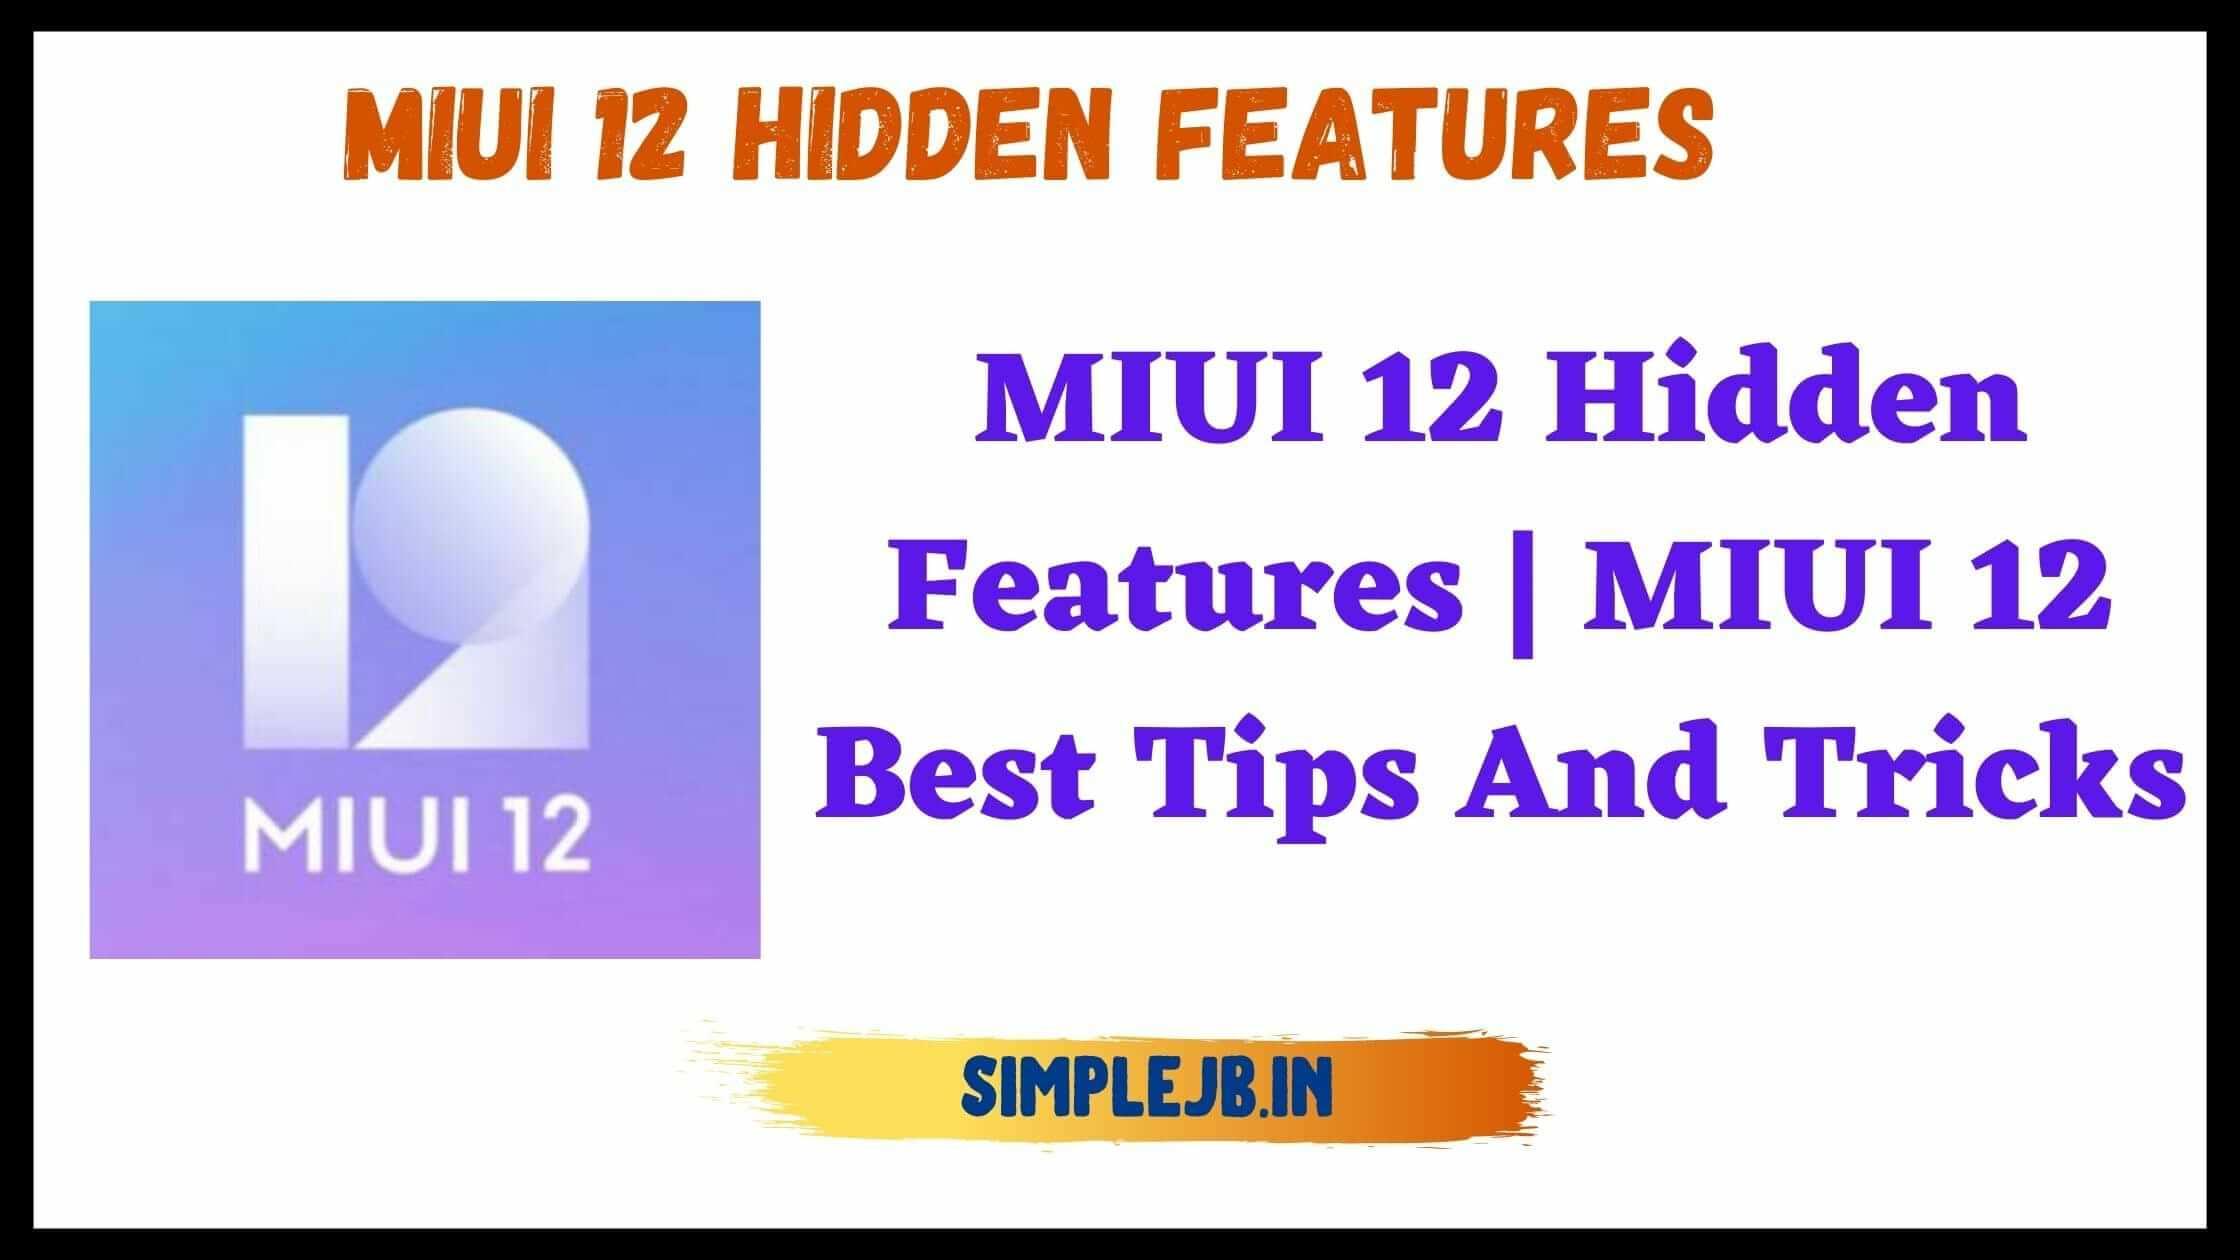 miui-12-hidden-features